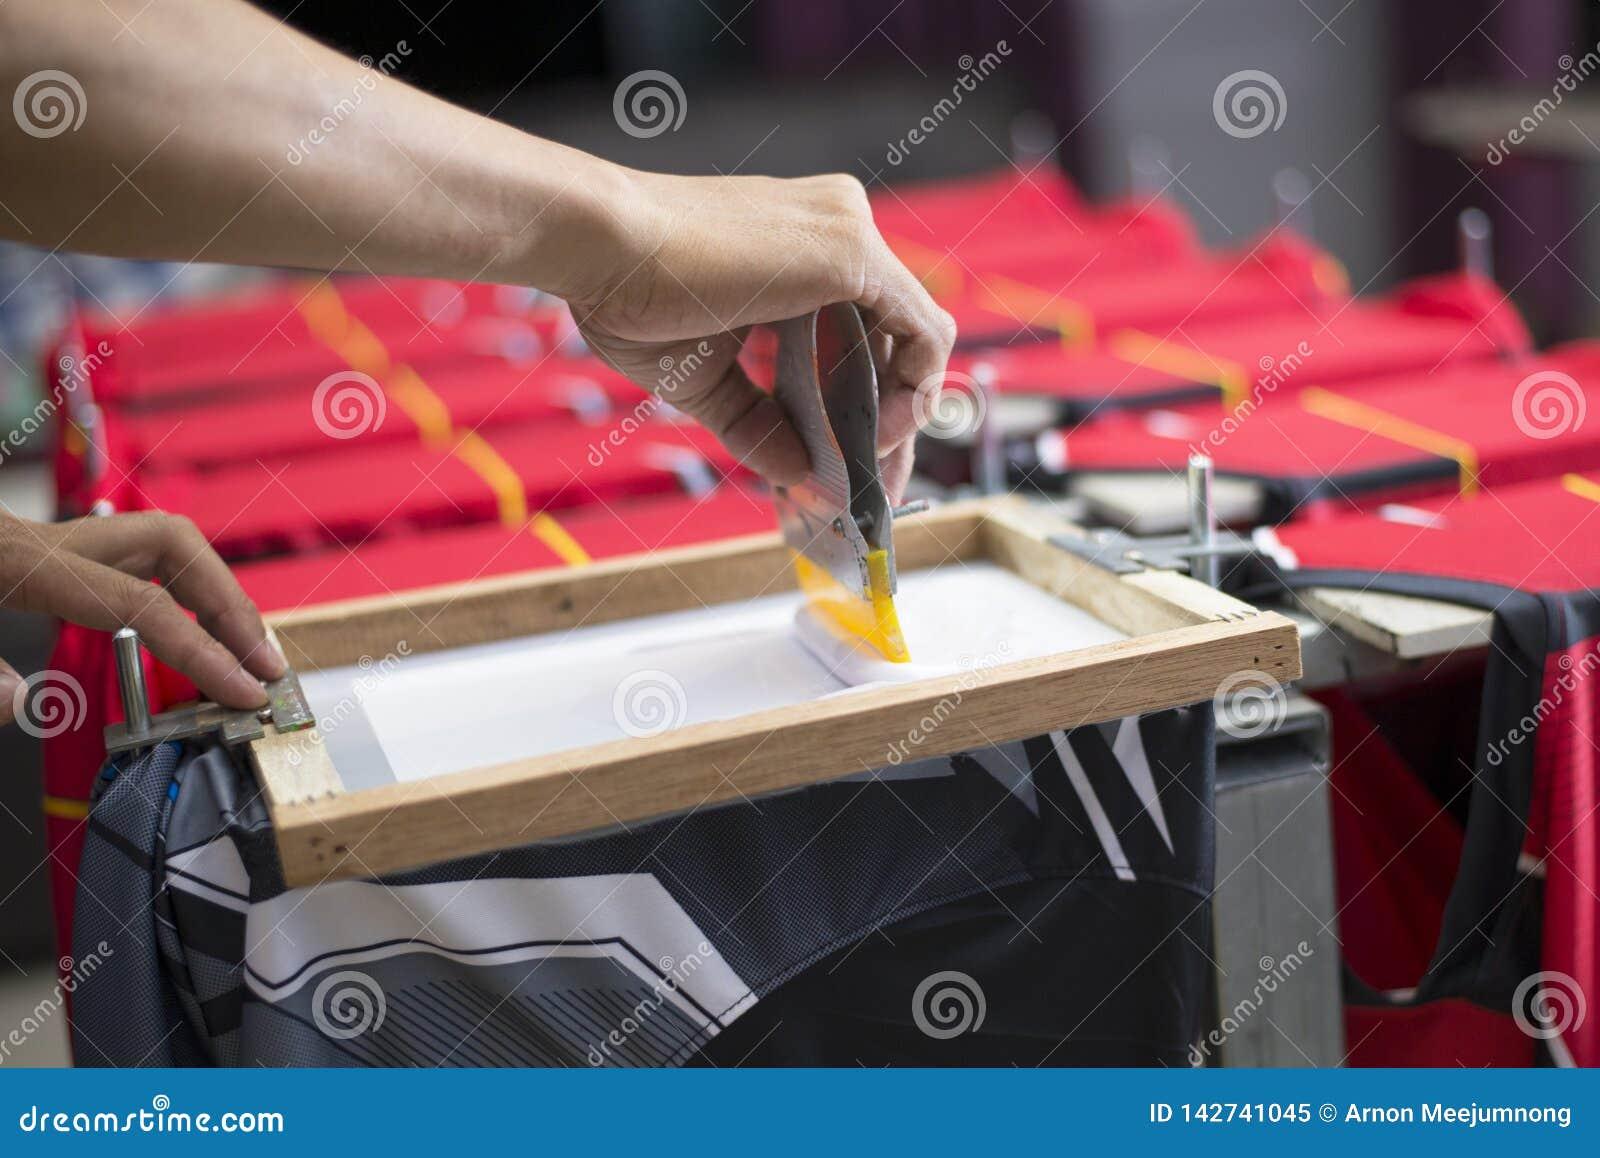 La camiseta hecha a mano de la impresión de la pantalla, trabajadores está funcionando